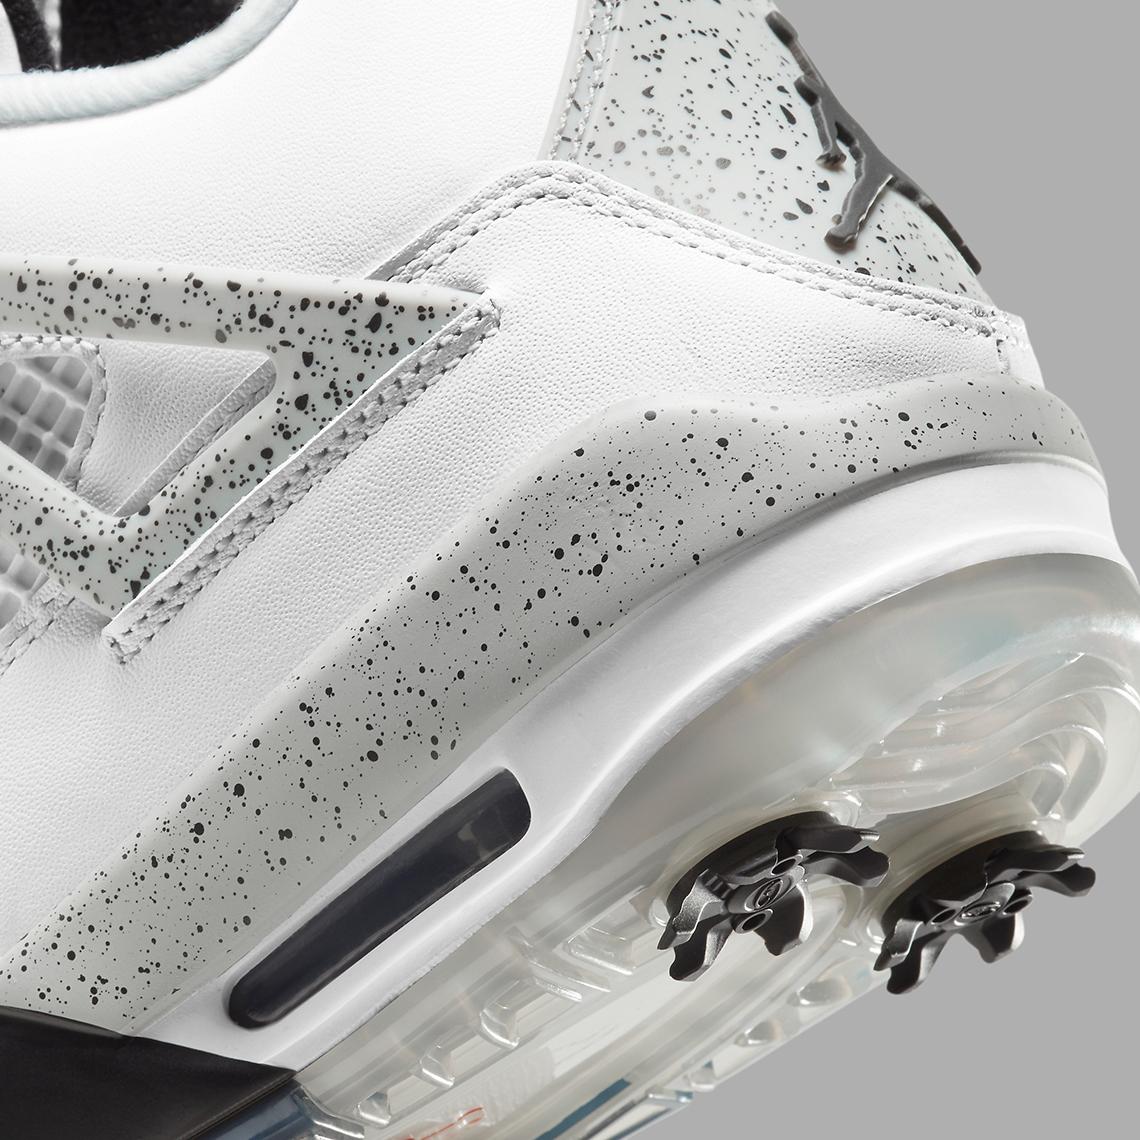 Air Jordan 4 Golf White Cement